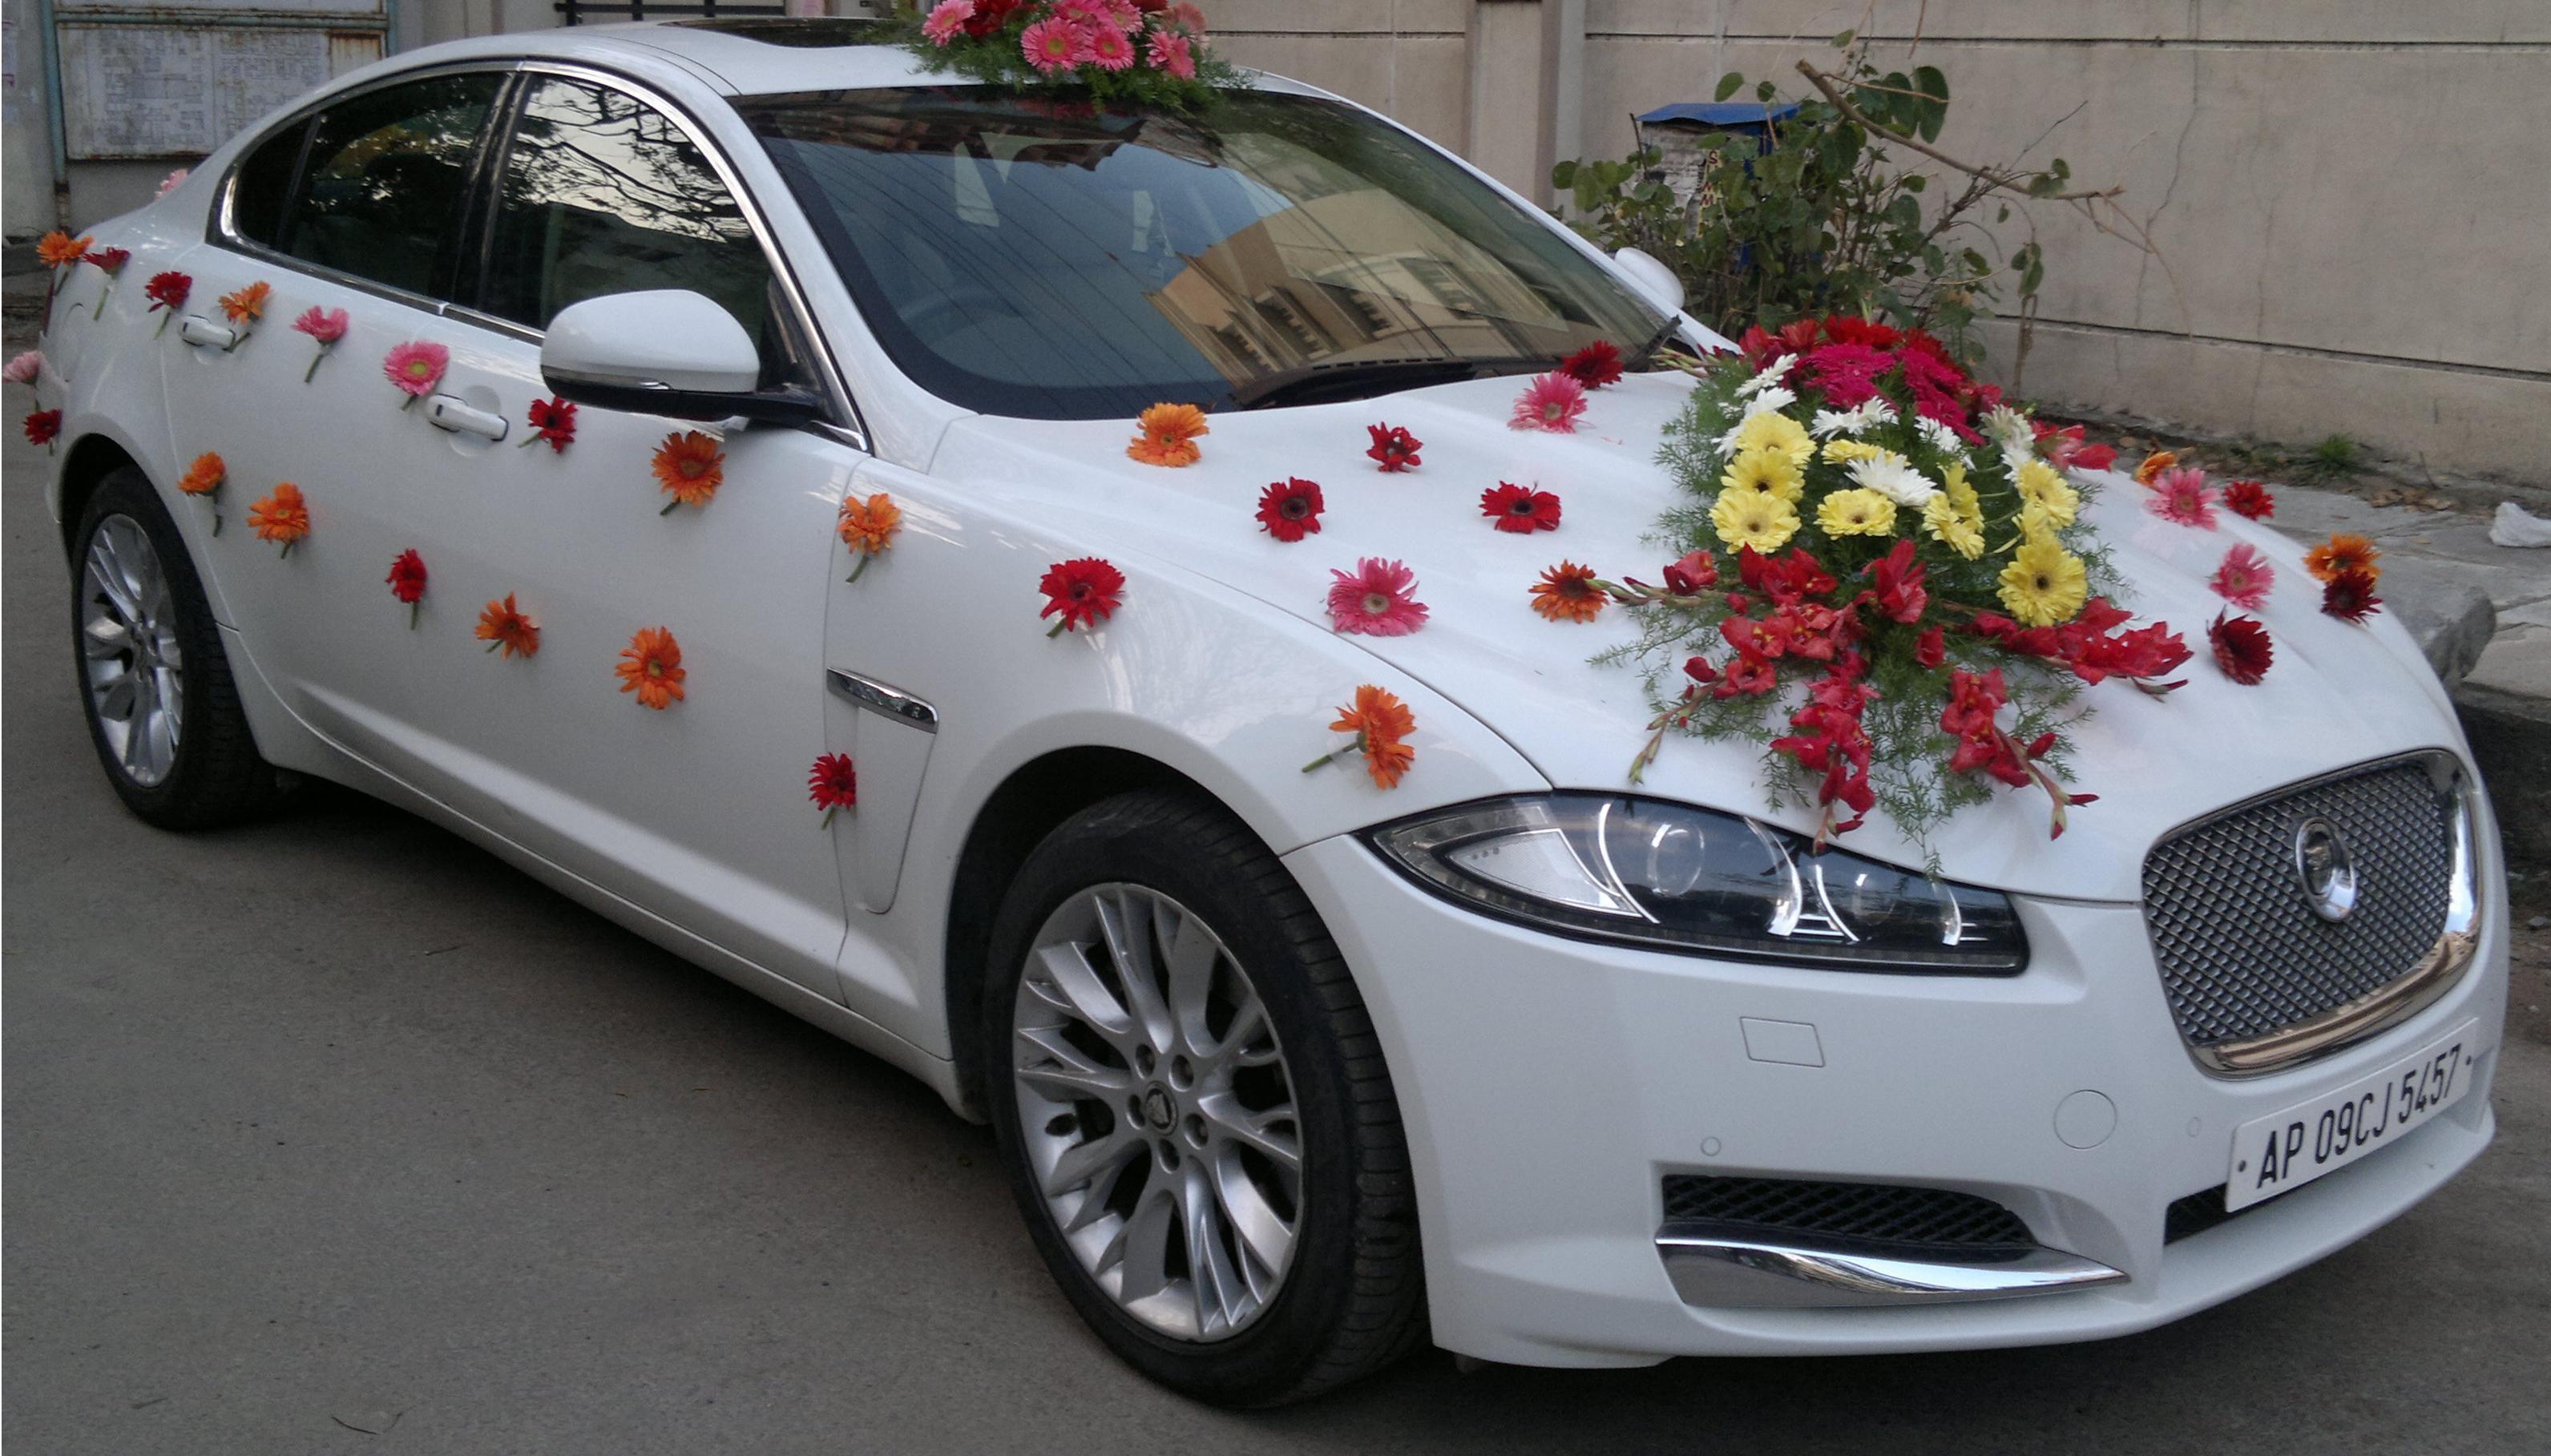 Wedding Car Decoration Wedding Car Decorations Bridal Car Wedding Car